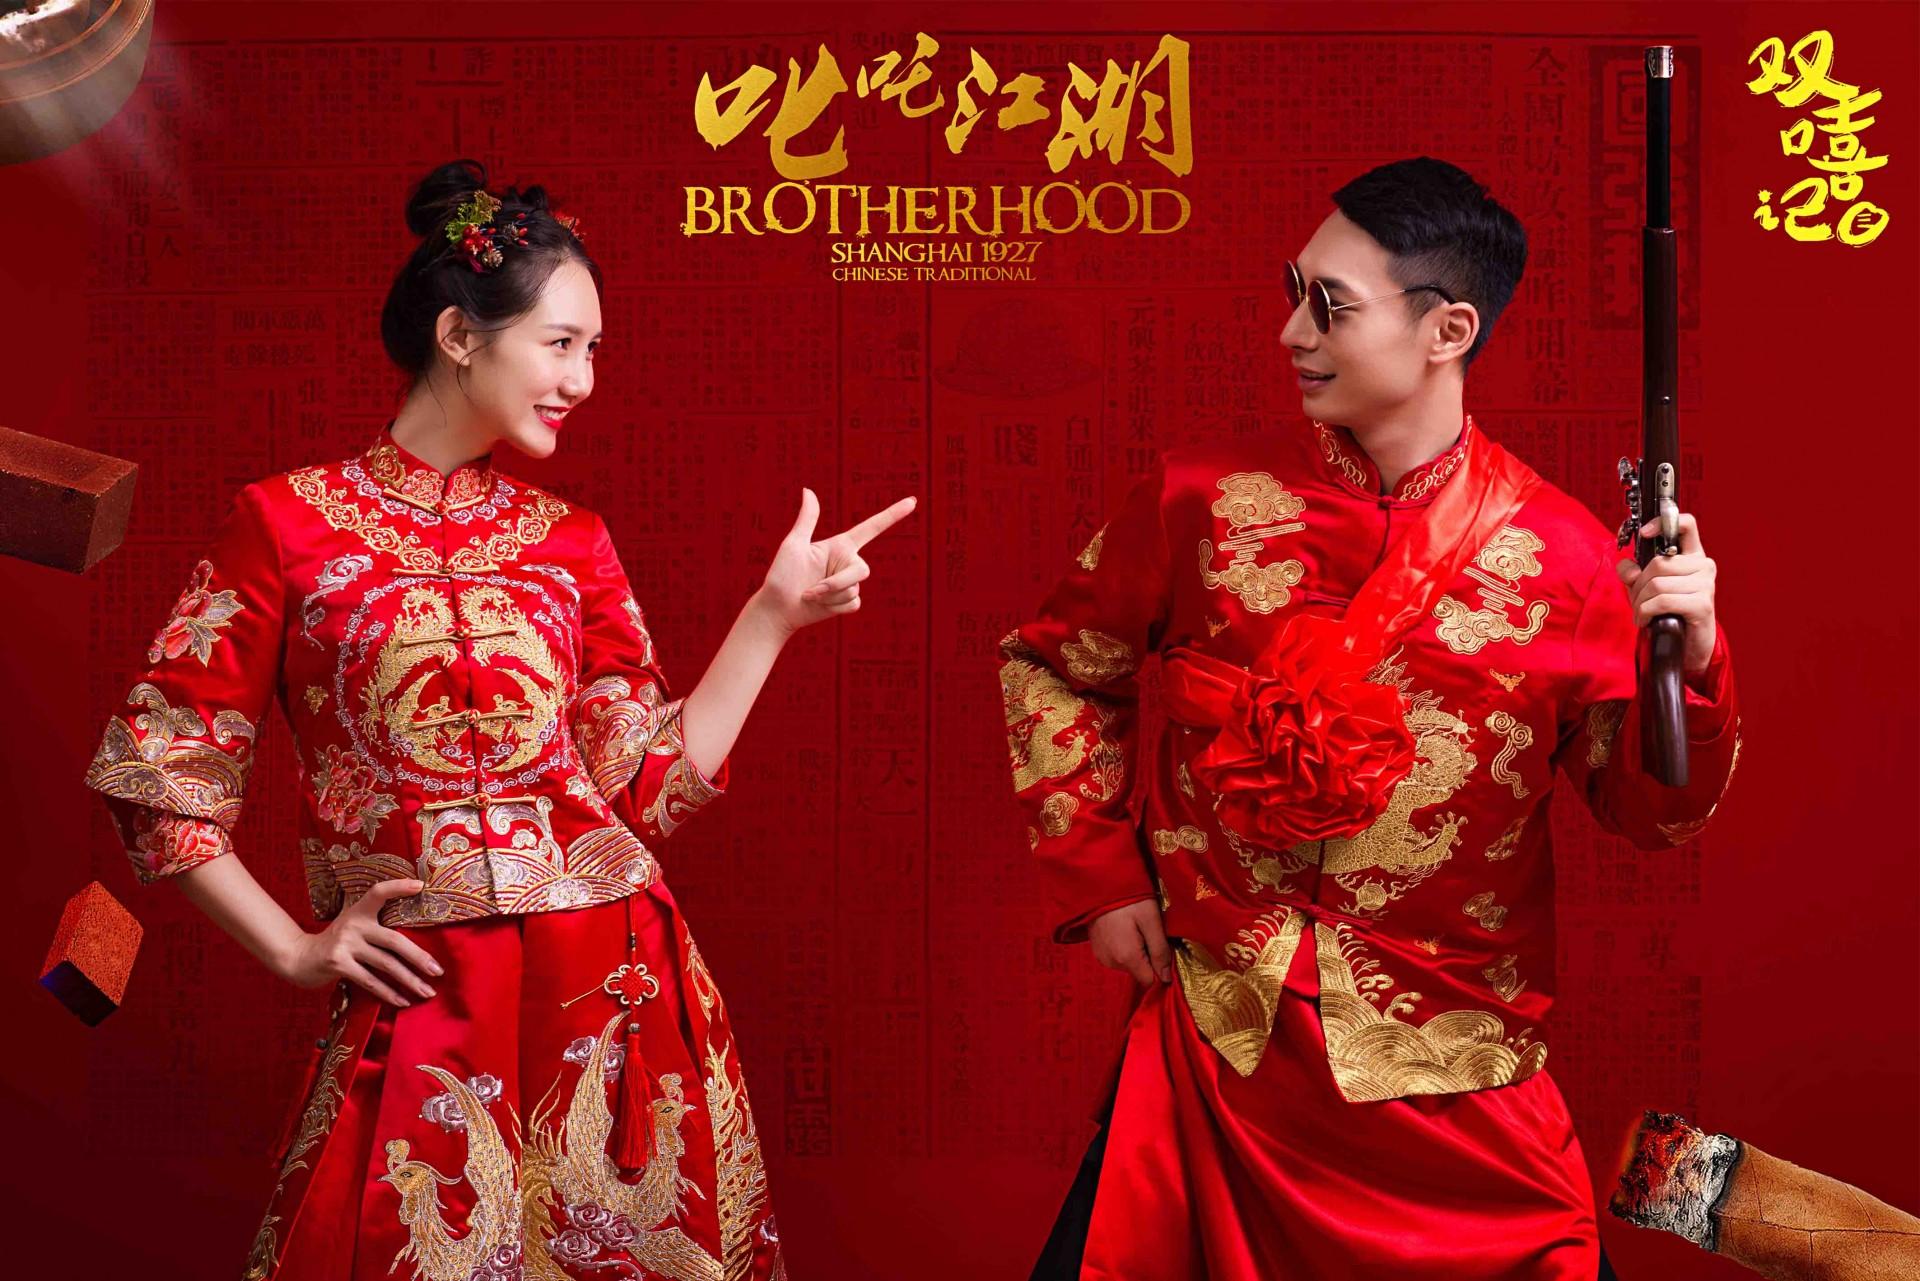 体会我们中国浓浓的气息文化,浓浓的水墨画,体现那种山与水的柔情在新人们拍婚纱照穿古装也是一个不错的选择,摇身一变,变成古典的一种美,在中国传统的浓郁的氛围中,带着古典的张扬,选择怎么样的古装才是体现出时尚的美感呢,古装与现在的结合,会是一个什么样的场景呢,下面就由北京水晶之恋婚纱摄影带我们一起去体验下经典的韵味。   我们古代流传到至今的乐器,有琴筝,箫,琵琶,等等许多许多,更多的年轻人越来越倾向穿上古装的感觉,在穿上古装的时候寻找以前的自己,追求历史的真实感。   要想体会古装带来的经典韵味,可以置